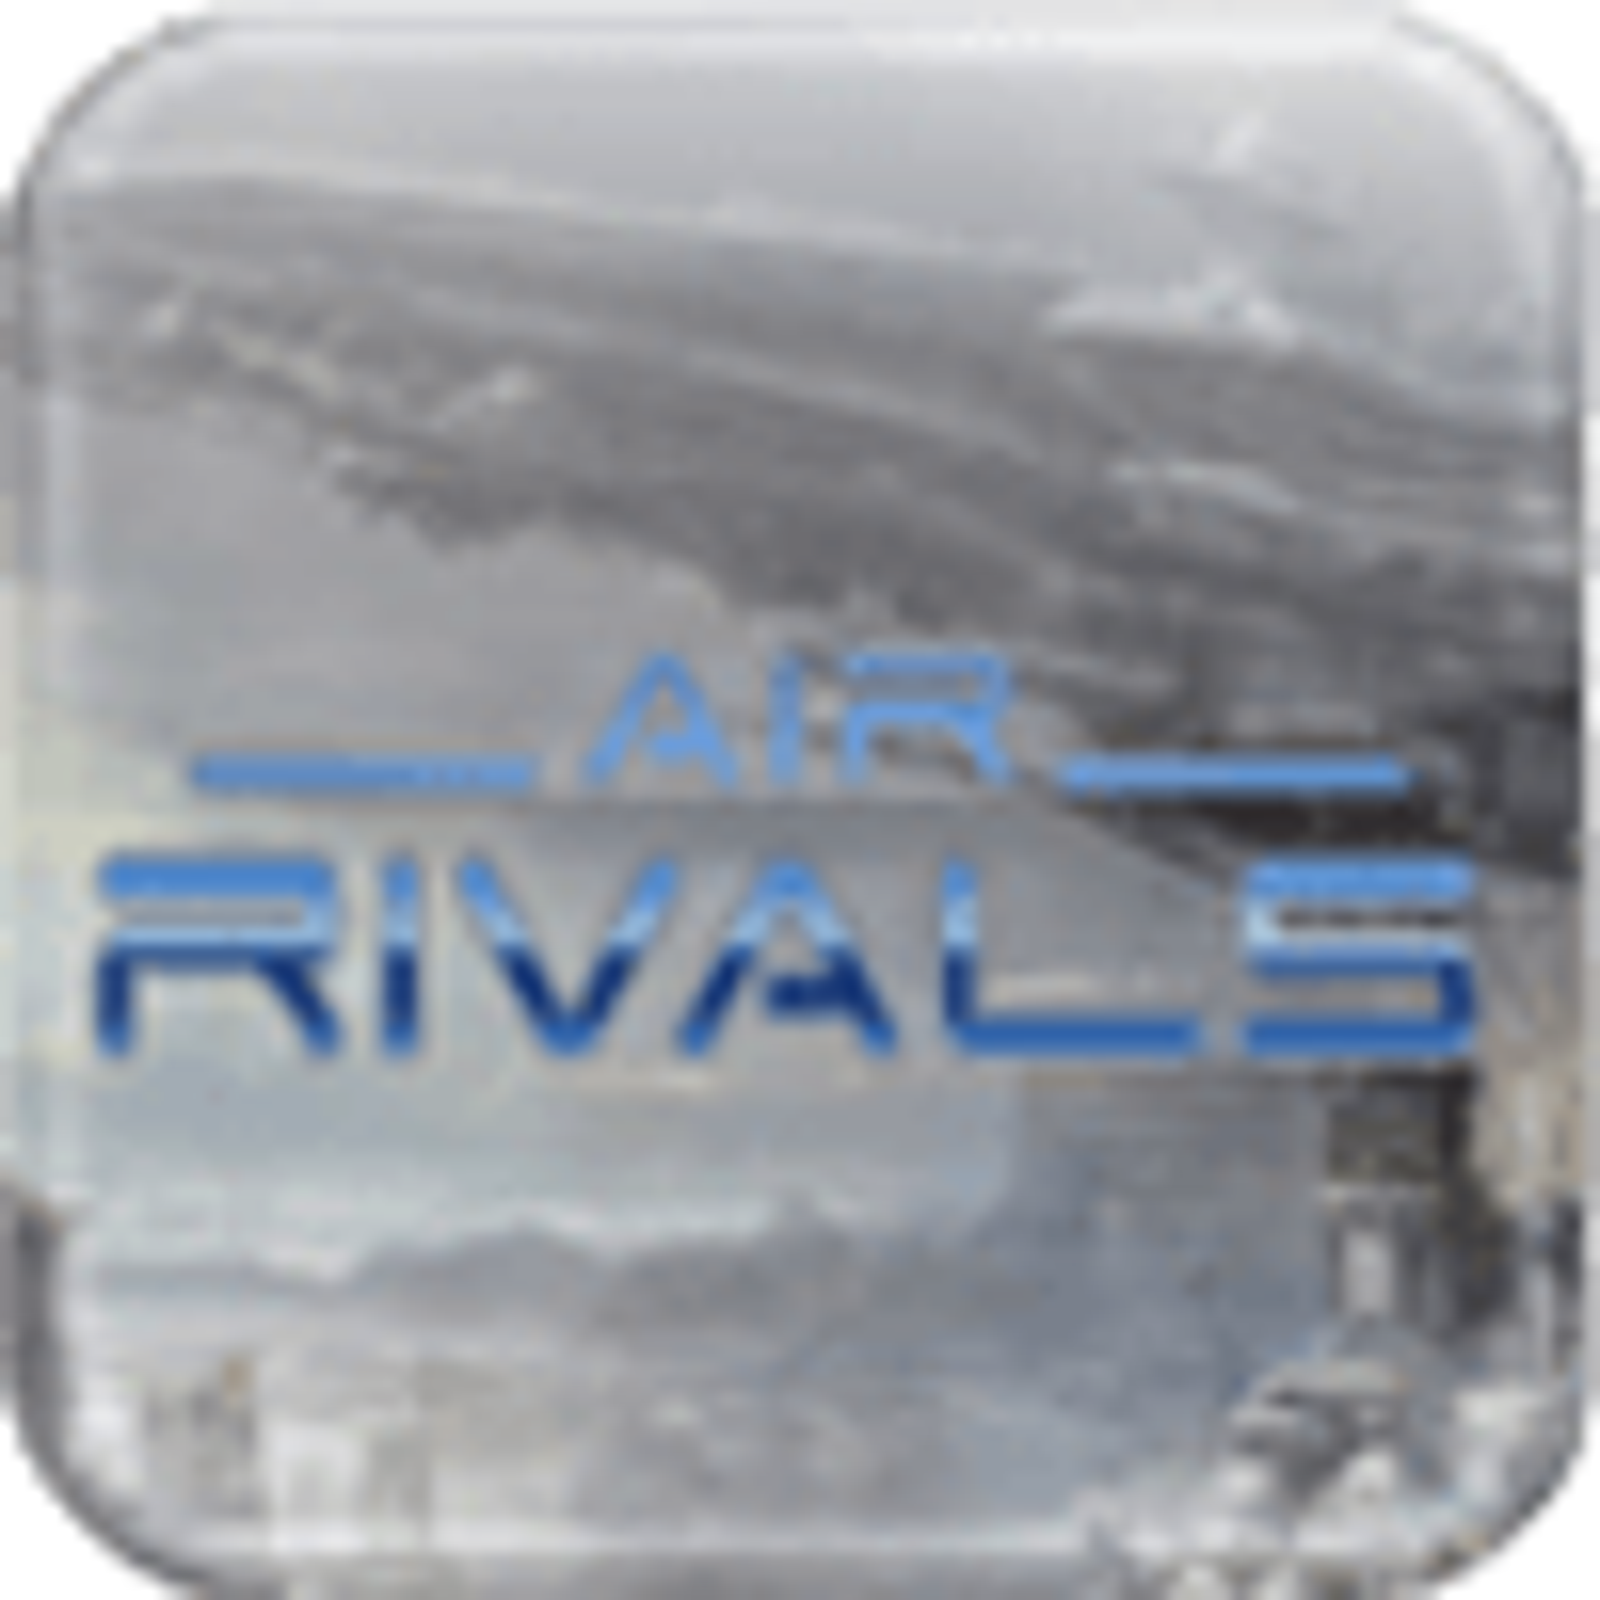 AirRivals